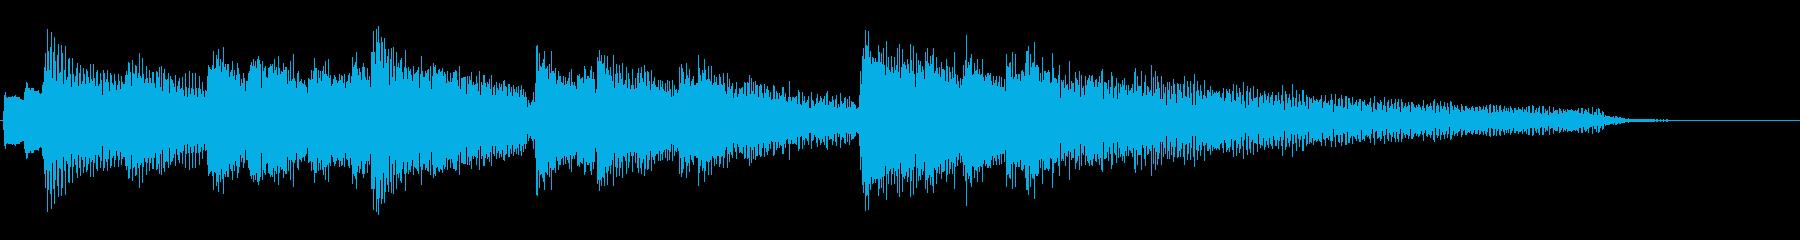 ピアノ アルペジオ ジングル 素材 短めの再生済みの波形